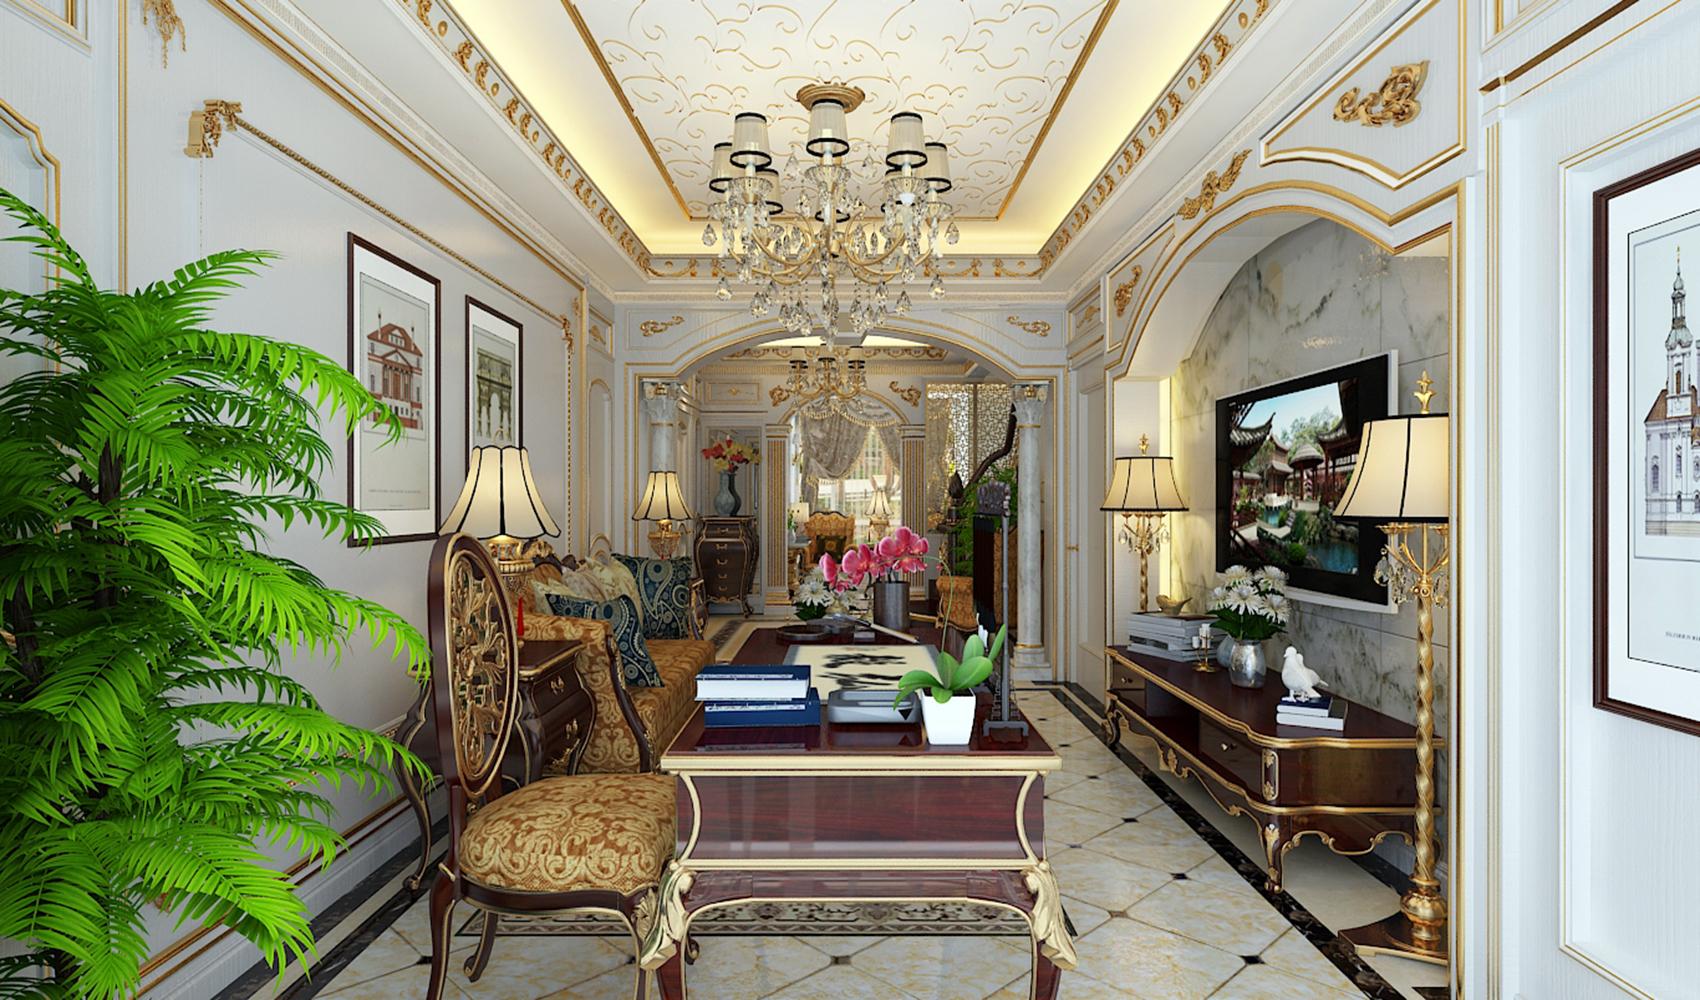 法式宫廷别墅装修客厅效果图